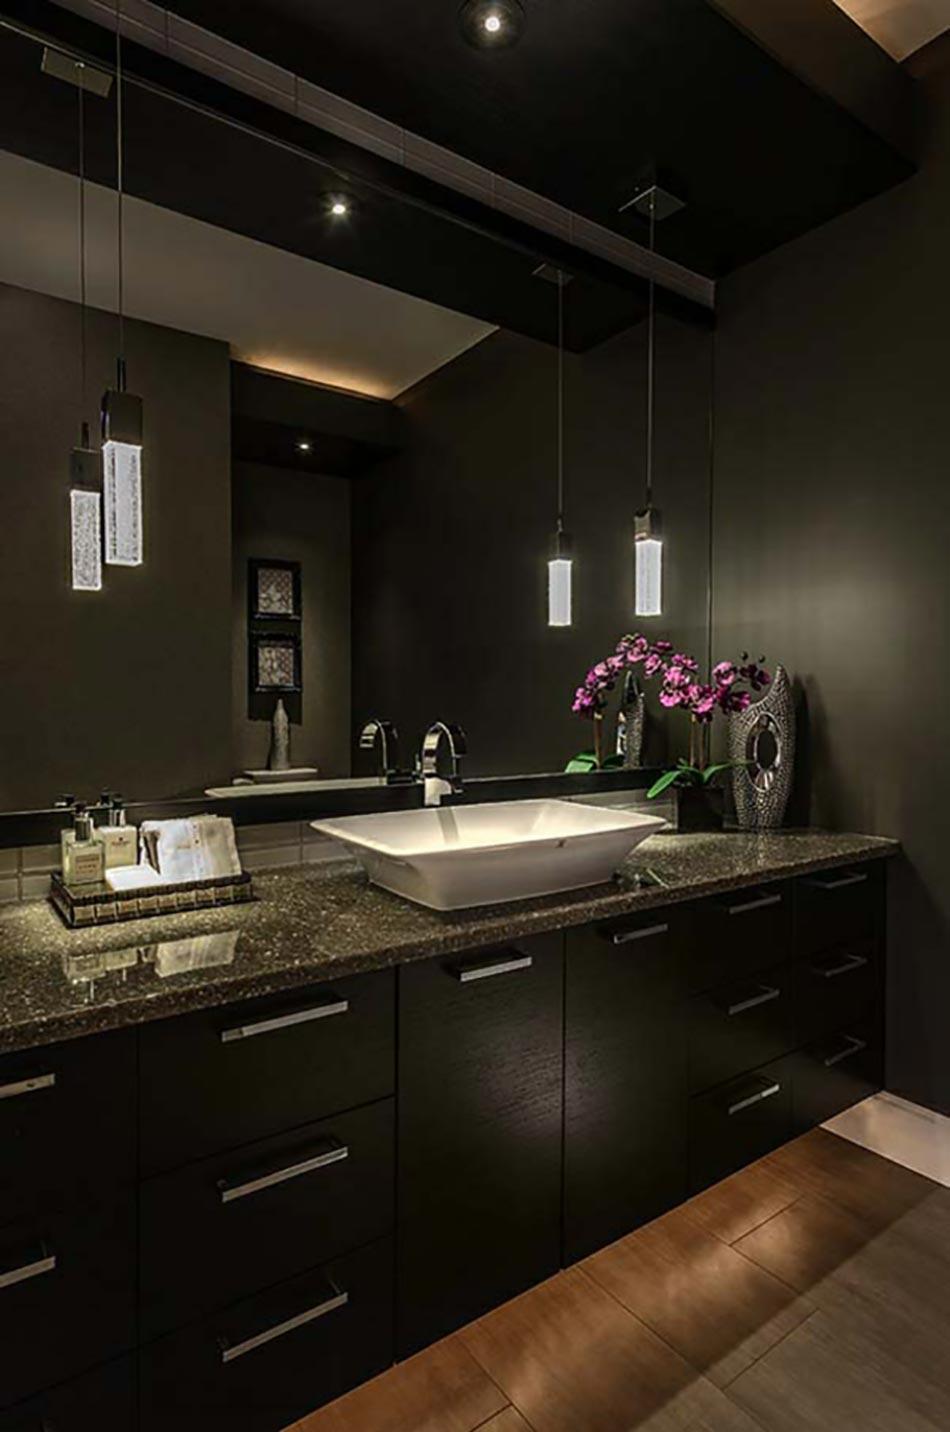 des teintes sombres pour une salle de bain moderne. Black Bedroom Furniture Sets. Home Design Ideas